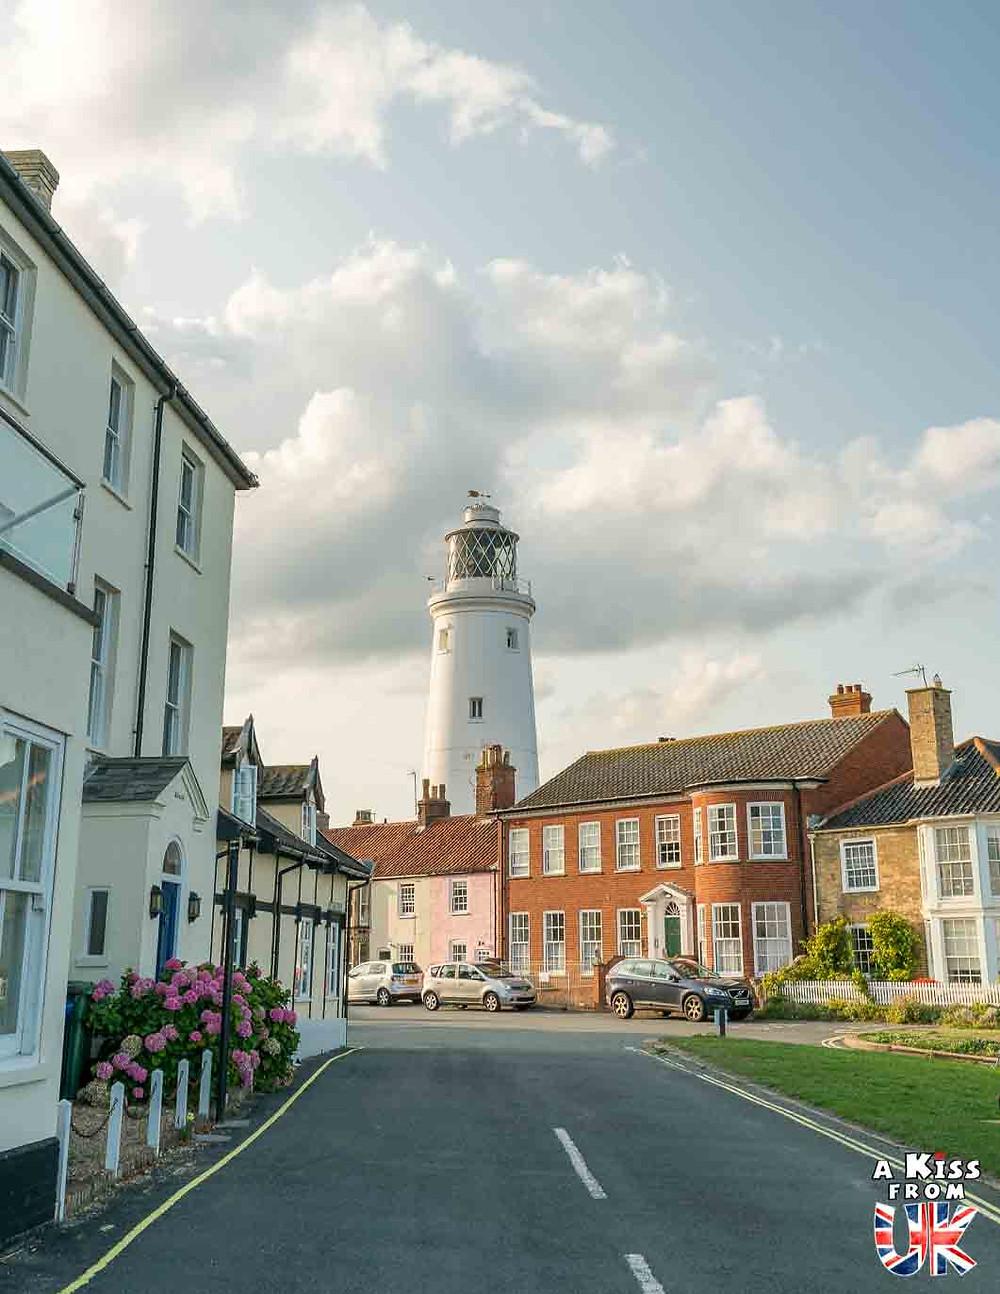 Southwold dans le Suffolk - 30 photos qui vont vous donner envie de voyager en Angleterre après l'épidémie de coronavirus - Découvrez les plus belles destinations et les plus belles régions d'Angleterre à visiter.